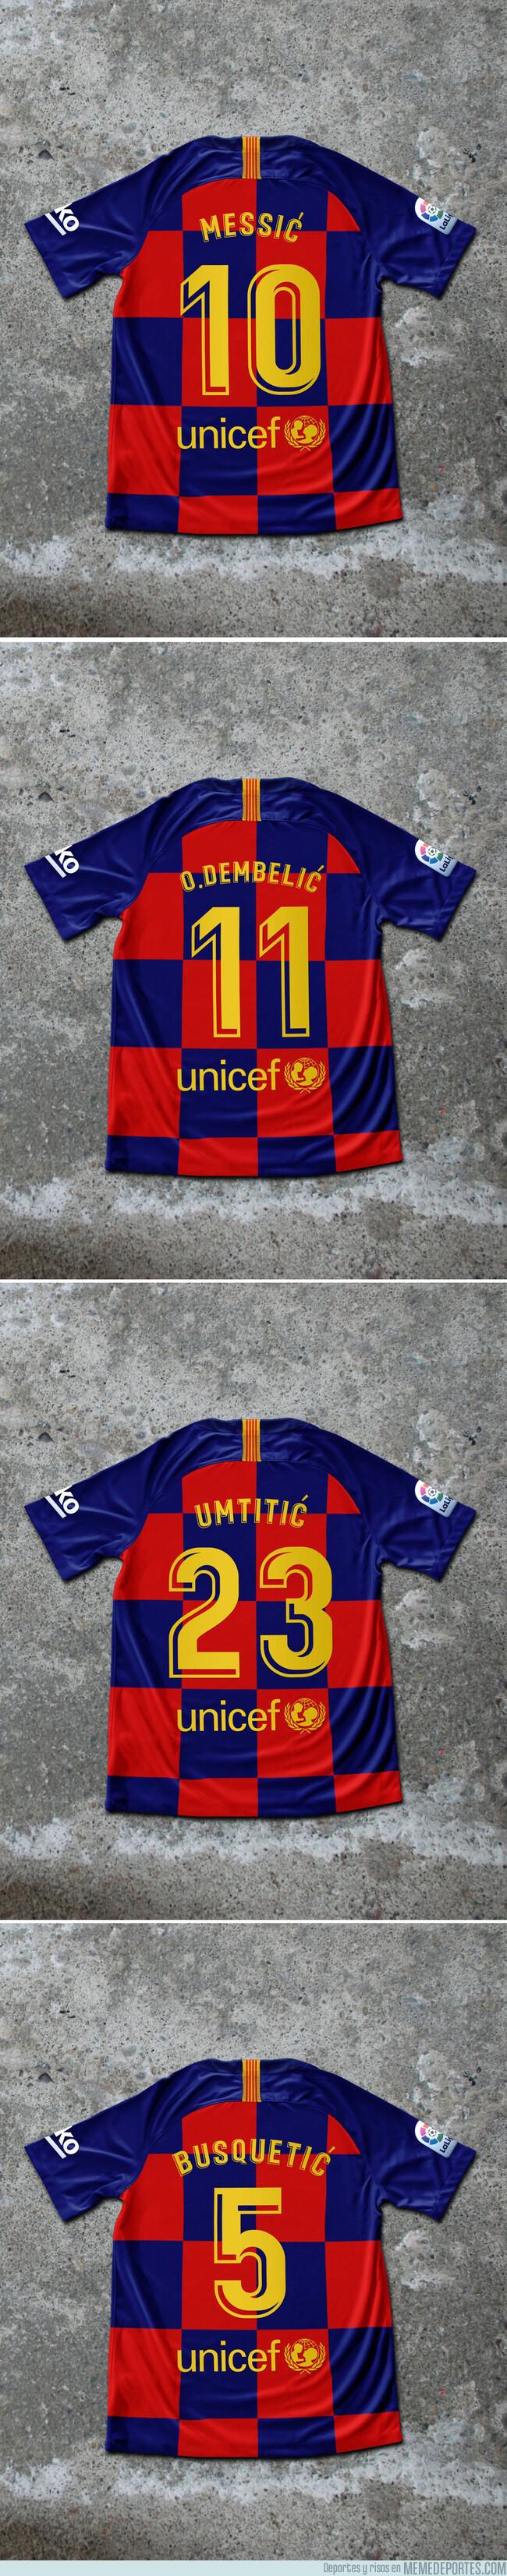 1077083 - Se actualizan los dorsales de la nueva camiseta de cuadros del Barça, por @Barzaboy